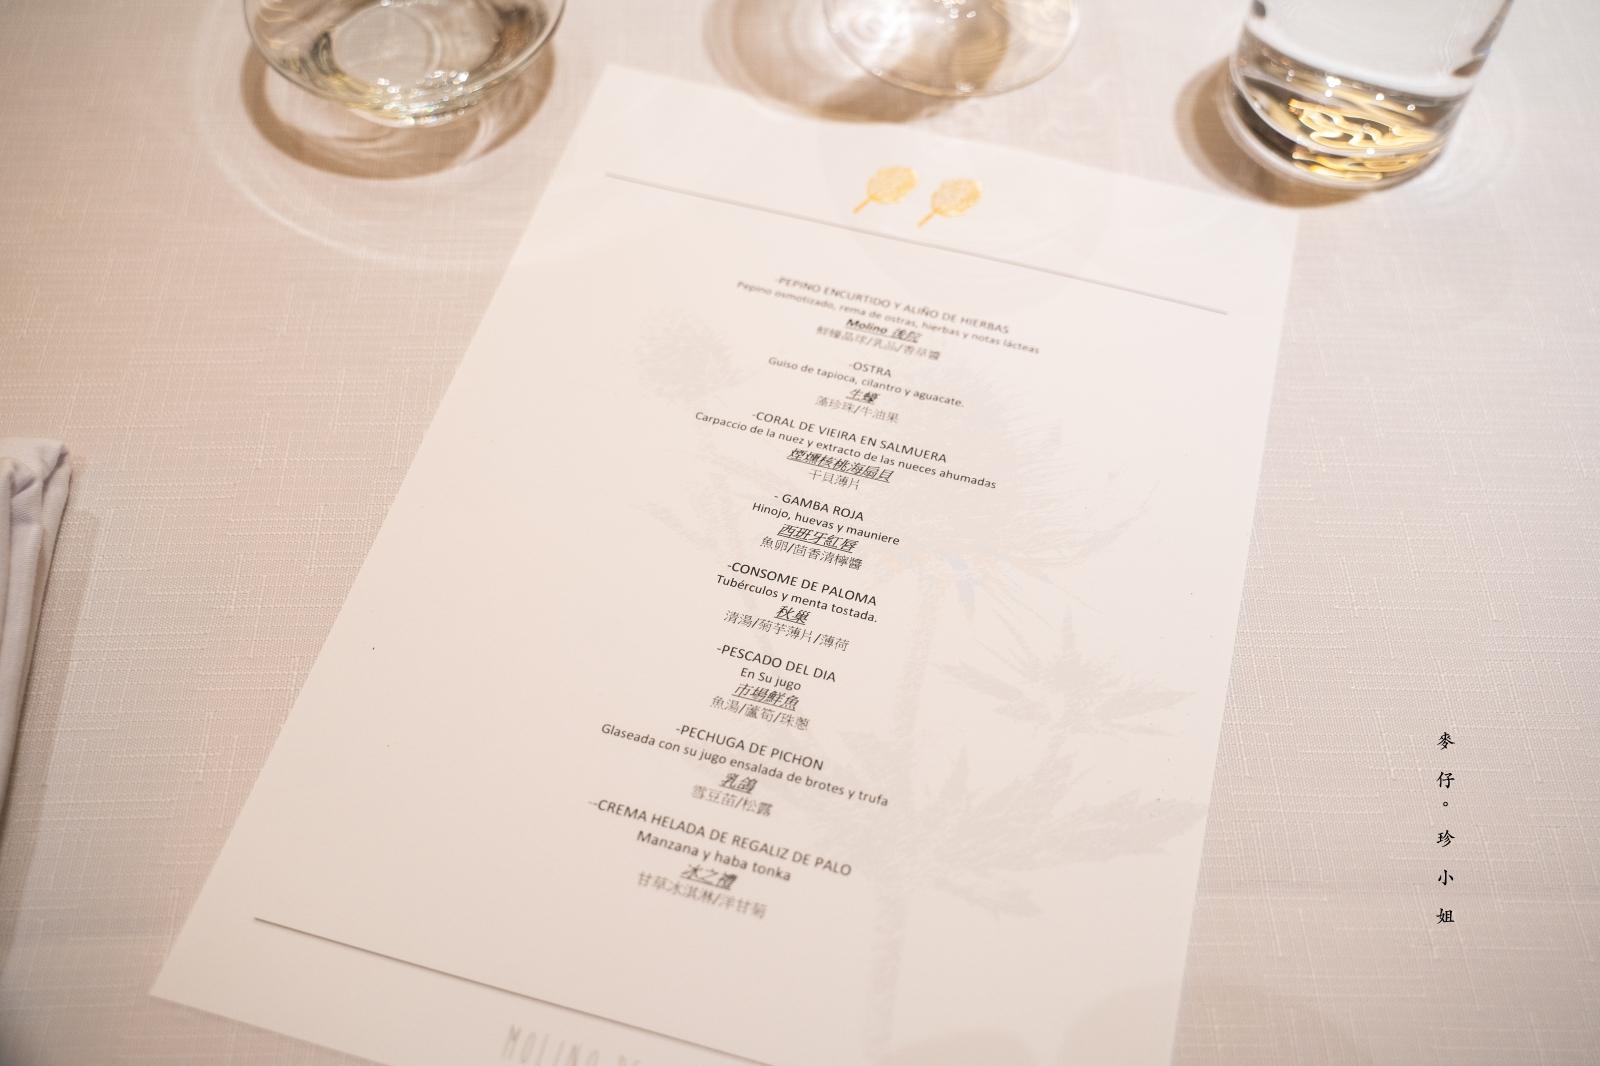 台北米其林美食。Molino de Urdániz|西班牙米其林二星餐廳進駐台北MVSA慕舍酒店|台北松江南京站美食